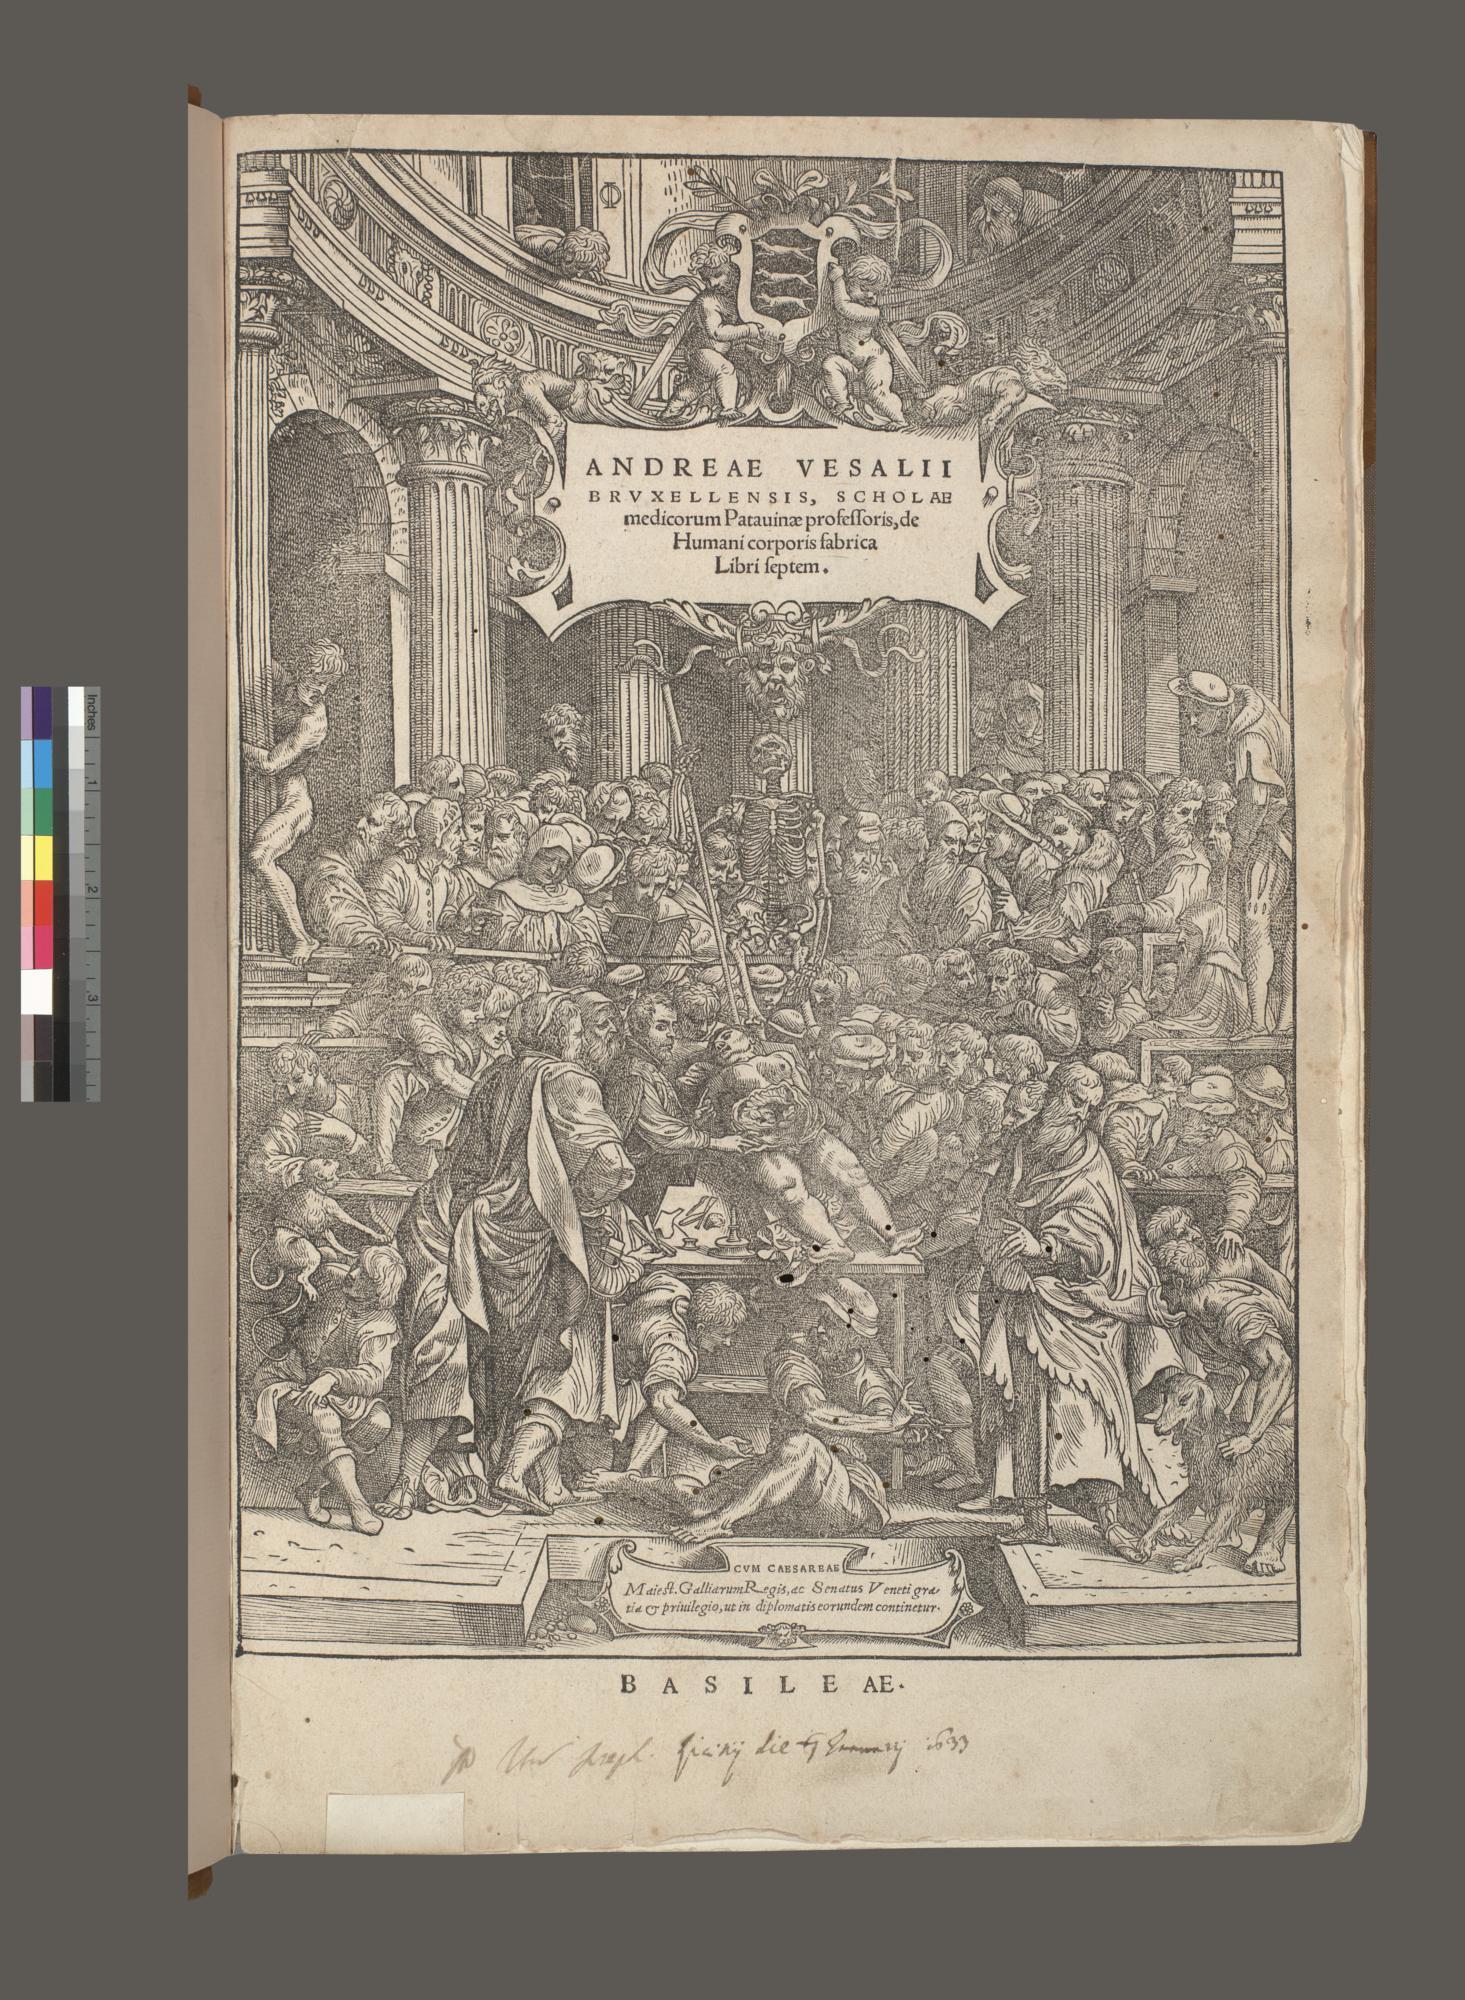 Andreae Vesalii Bruxellensis, scholae medicorum Patauinae professoris, de humani corporis fabrica libri septem.